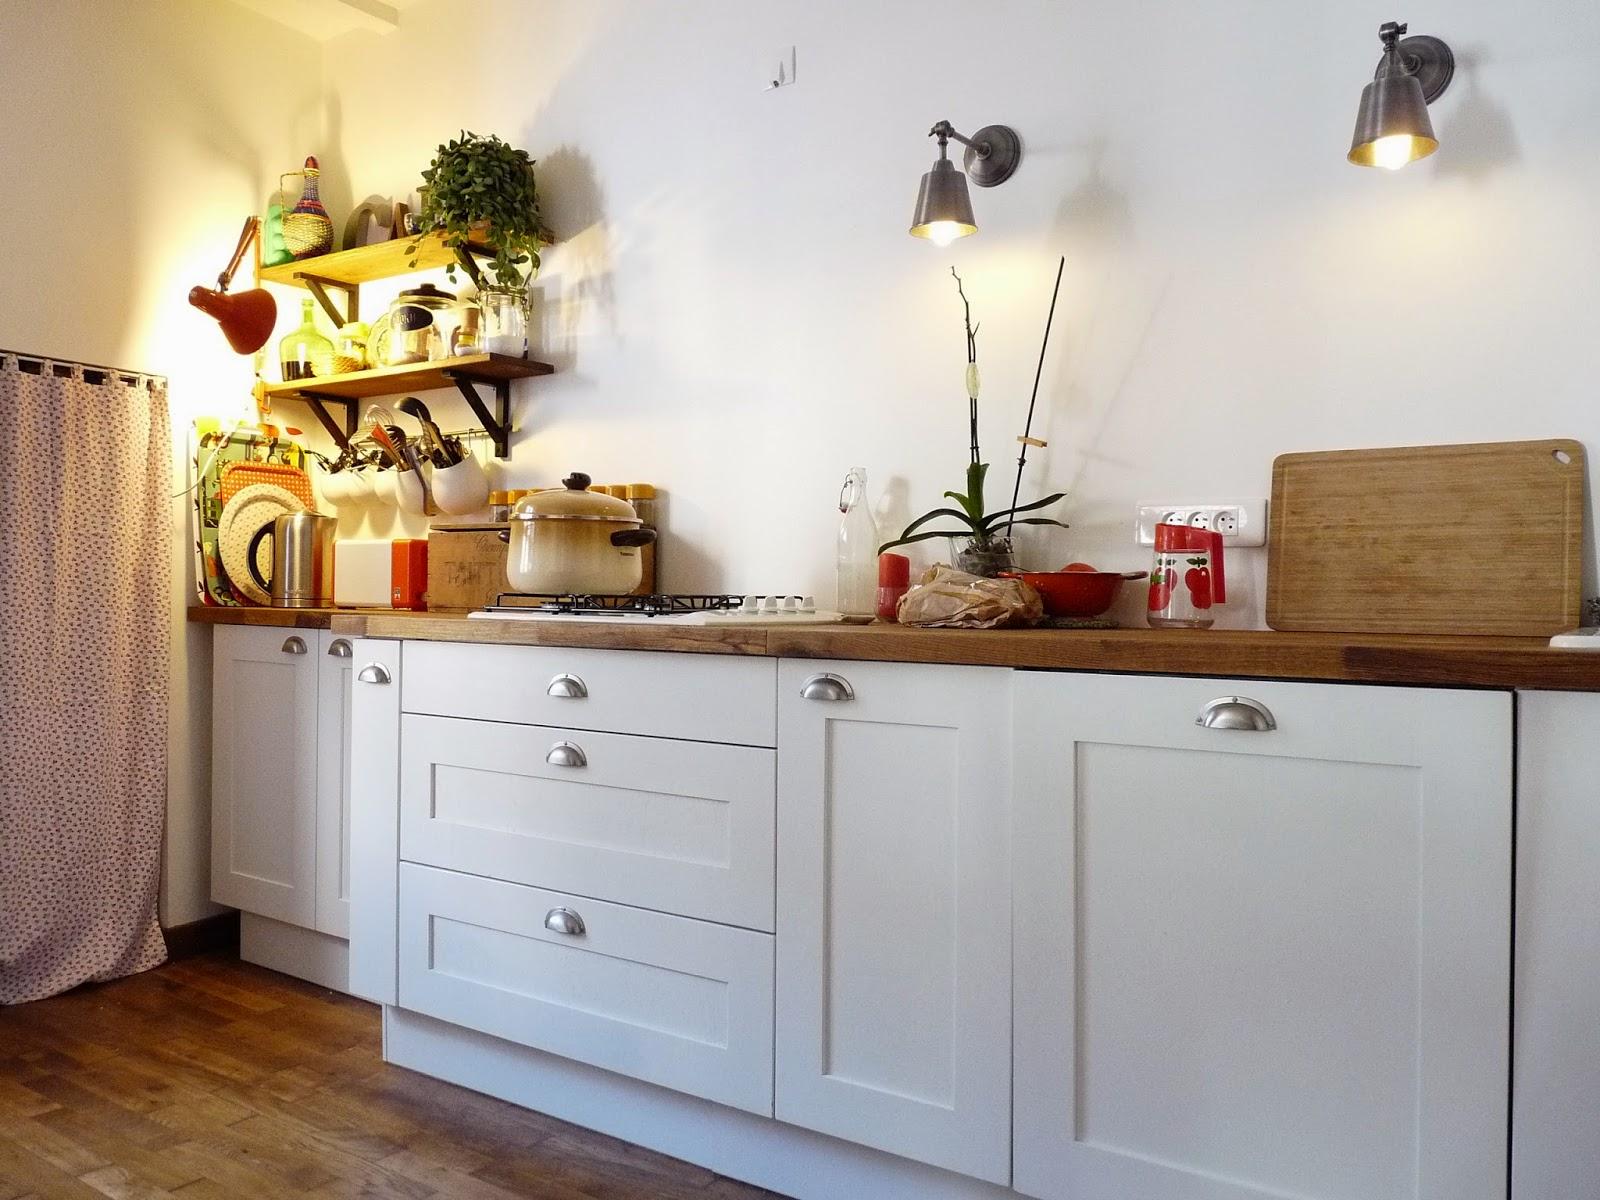 rue rivoirette avant apres notre nouvelle cuisine. Black Bedroom Furniture Sets. Home Design Ideas